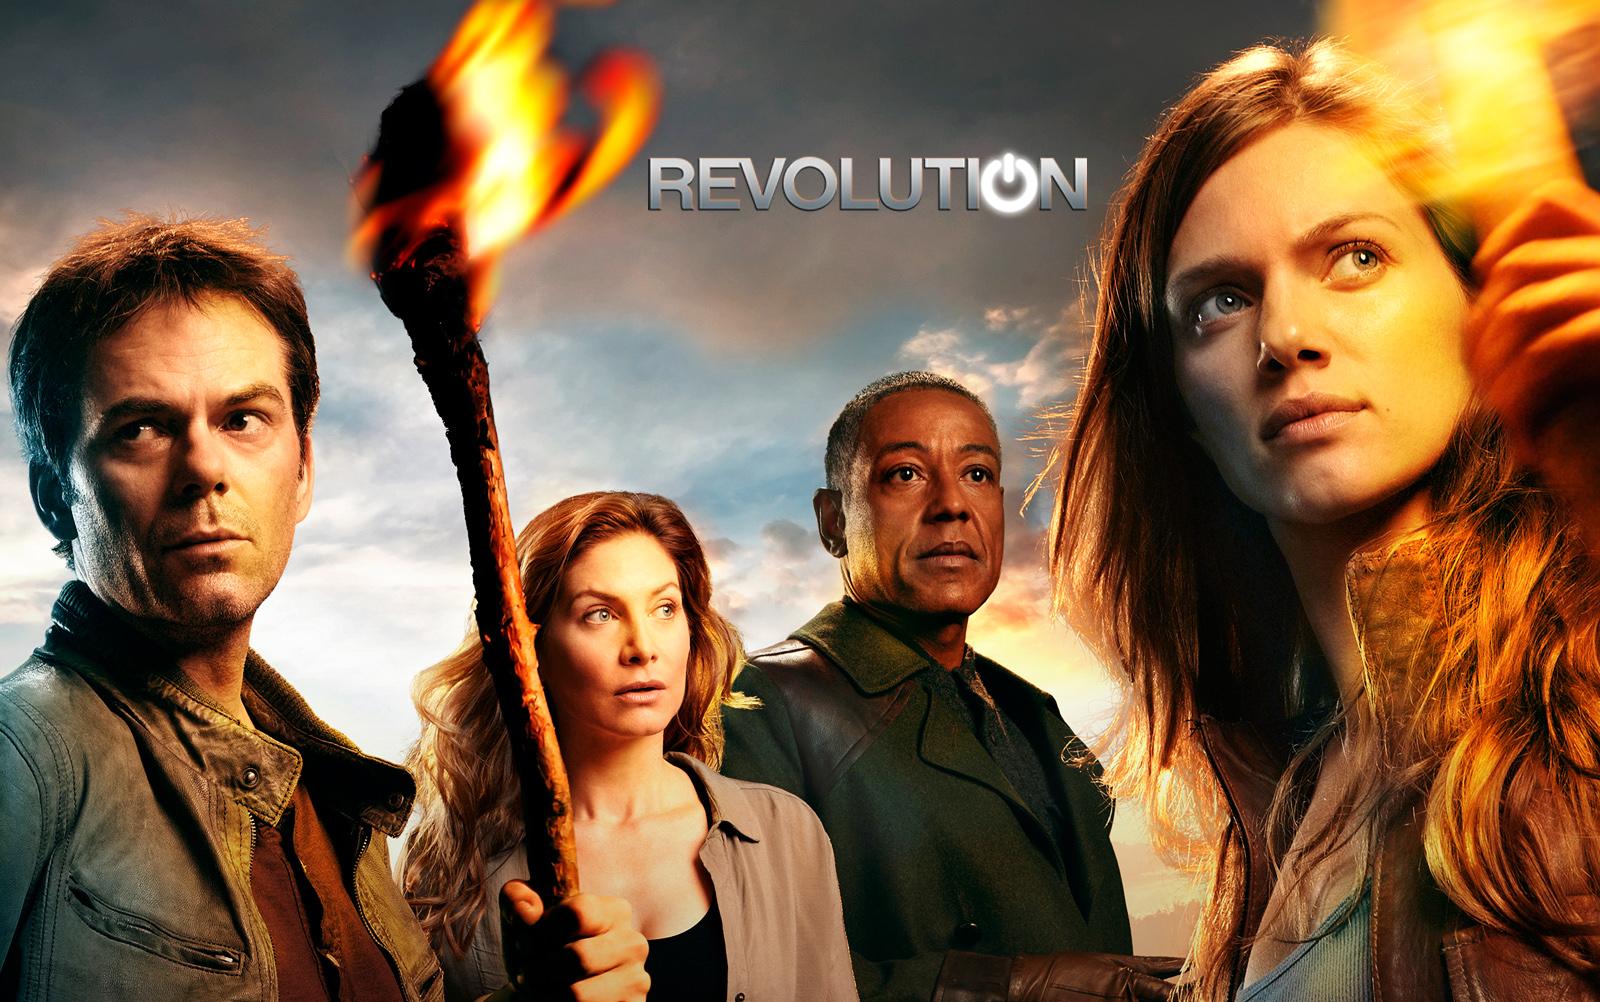 revolution tv series wallpapers - Revolution TV Series Wallpapers HD Wallpapers